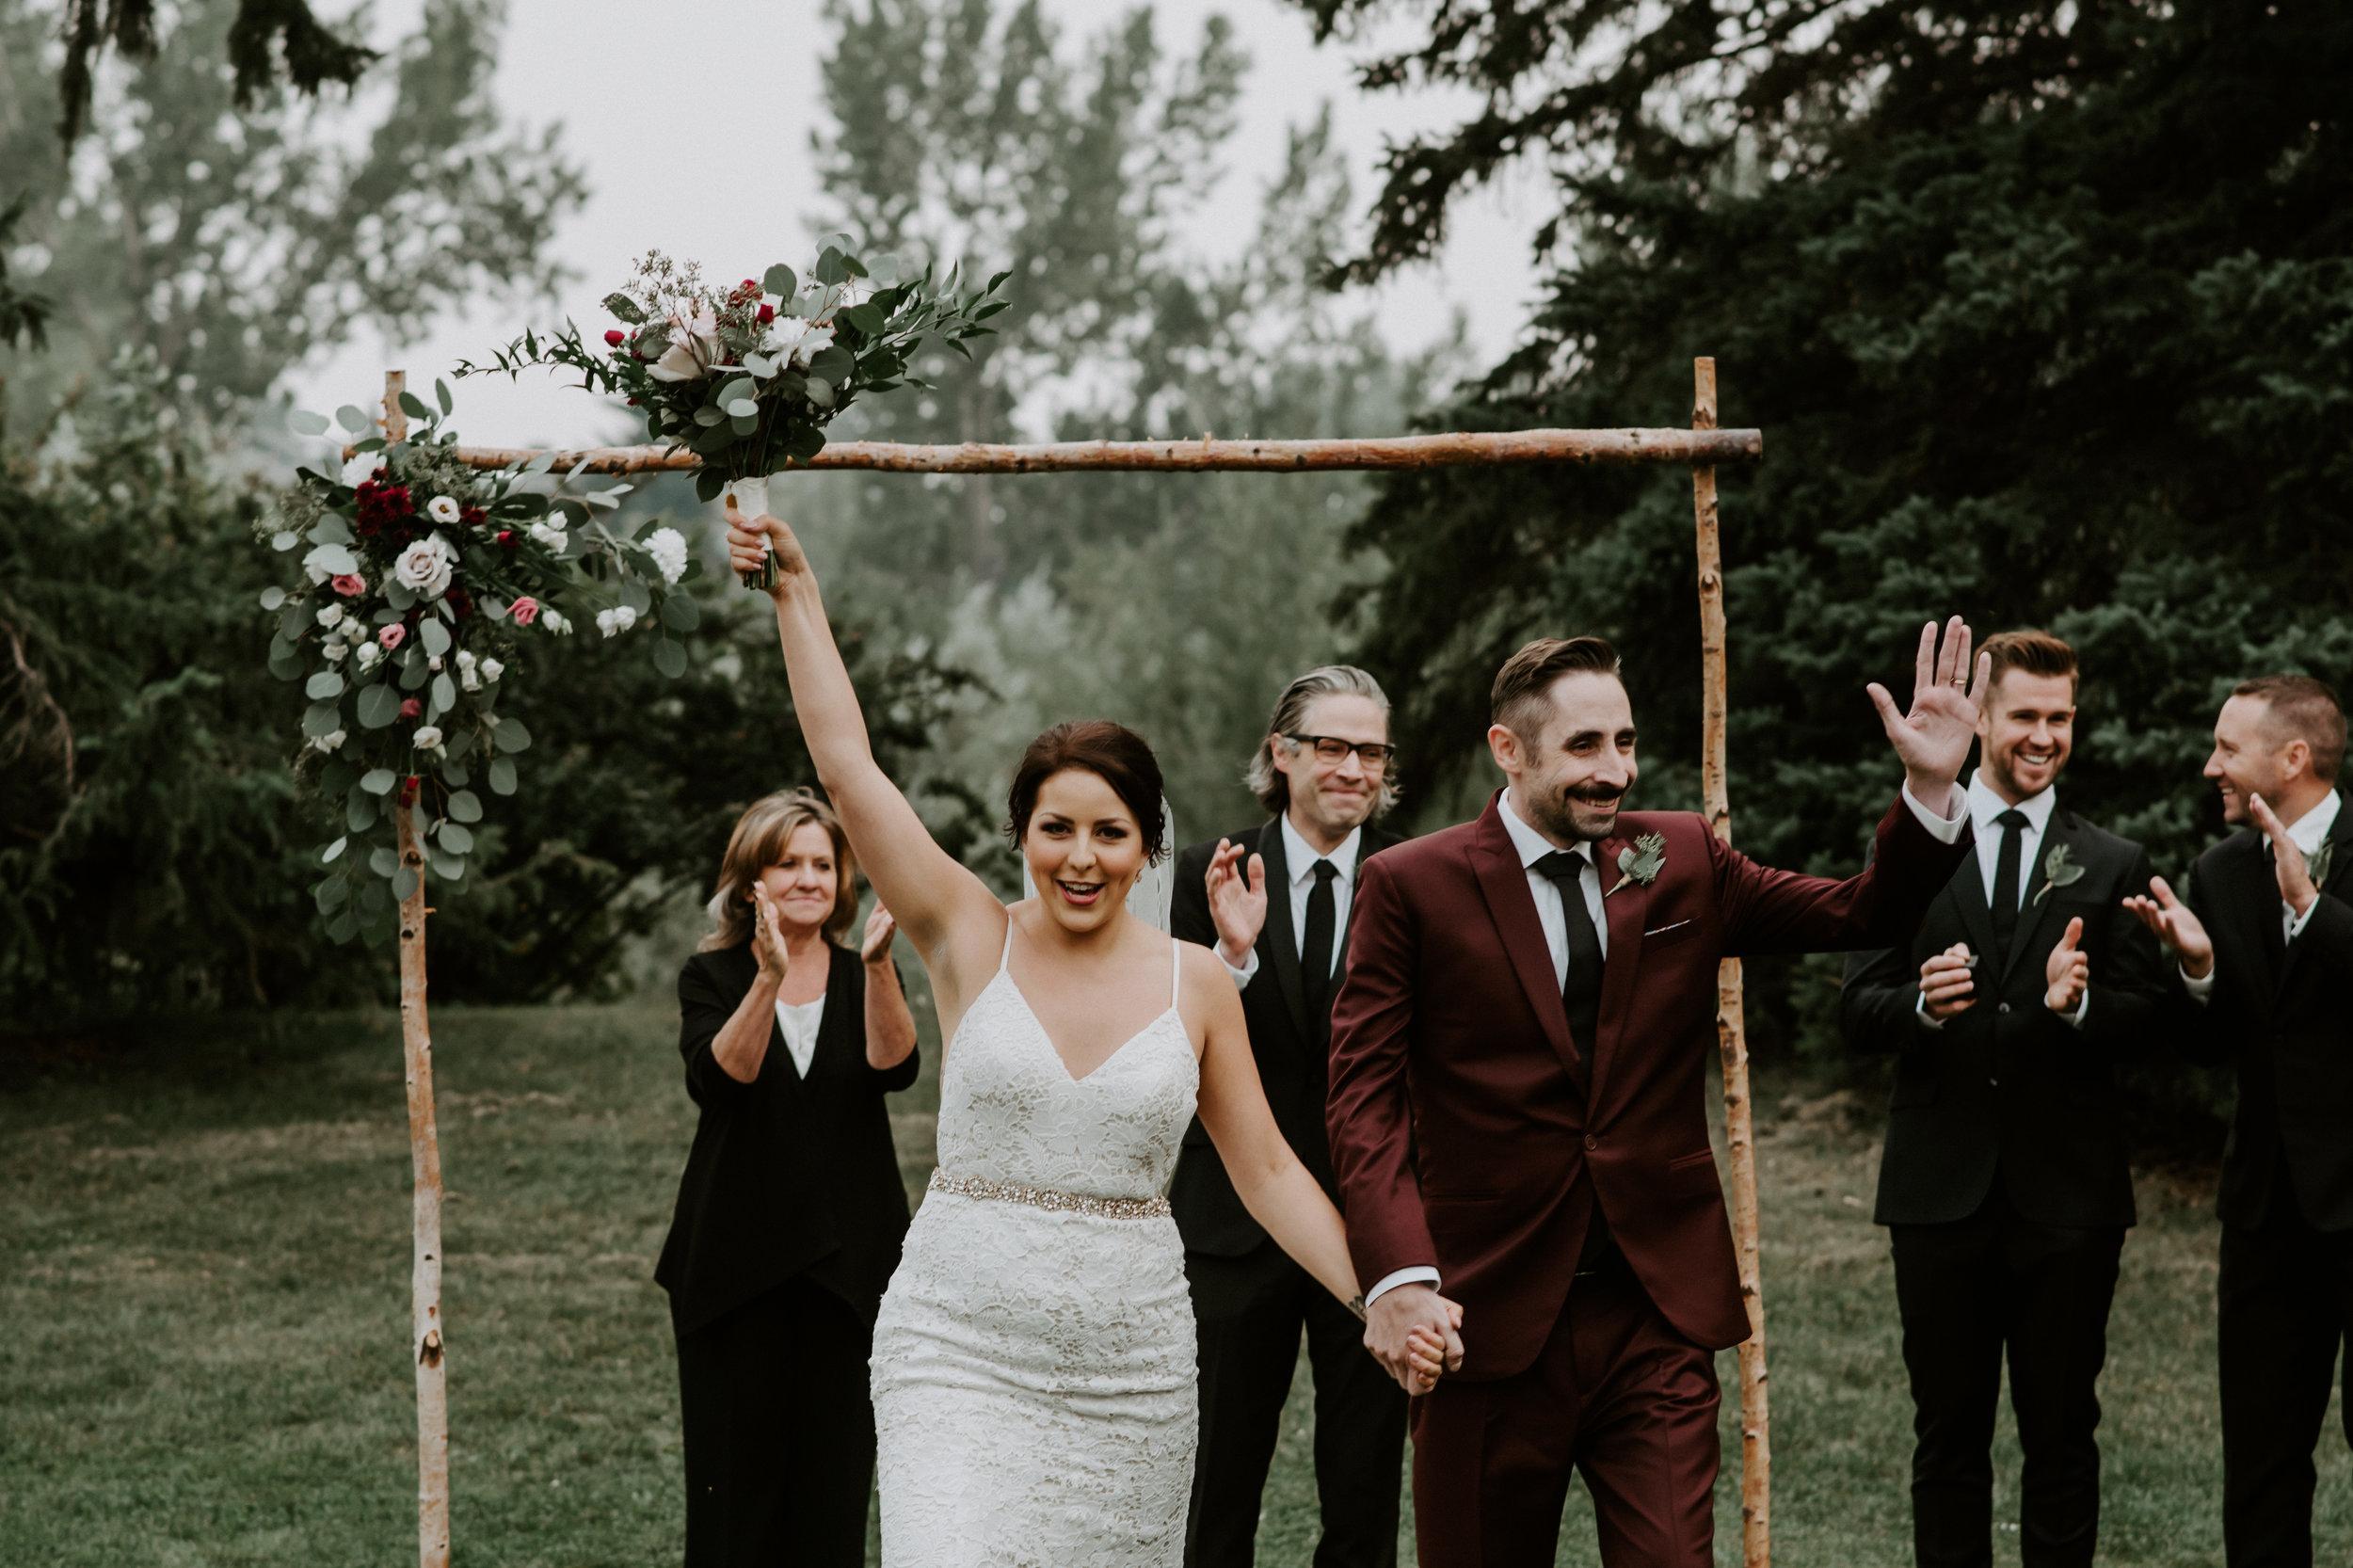 Calgary Wedding Photographer - 35 of 84.jpg